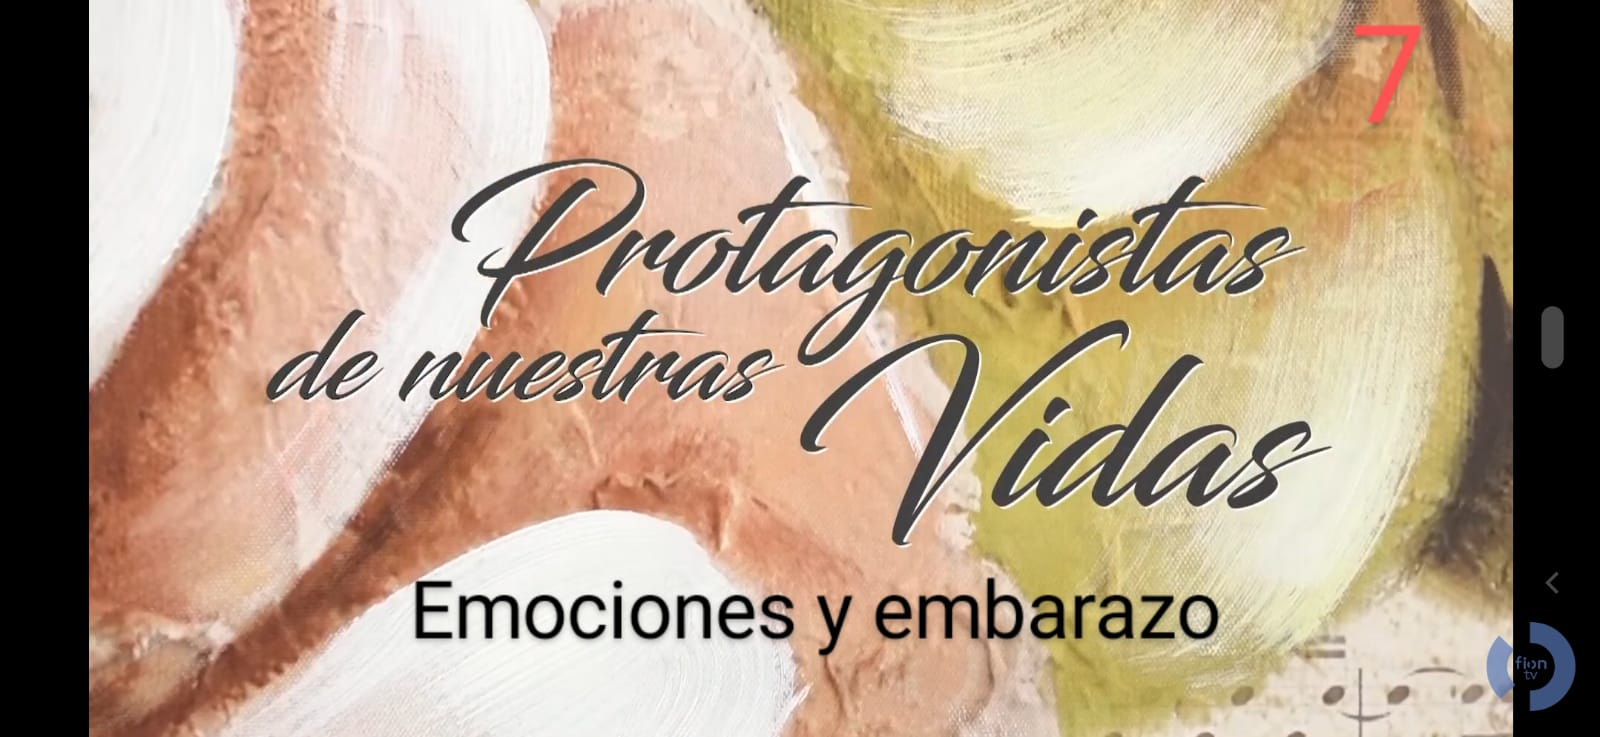 Protagonistas de nuestras vidas 7: Emociones y Embarazo